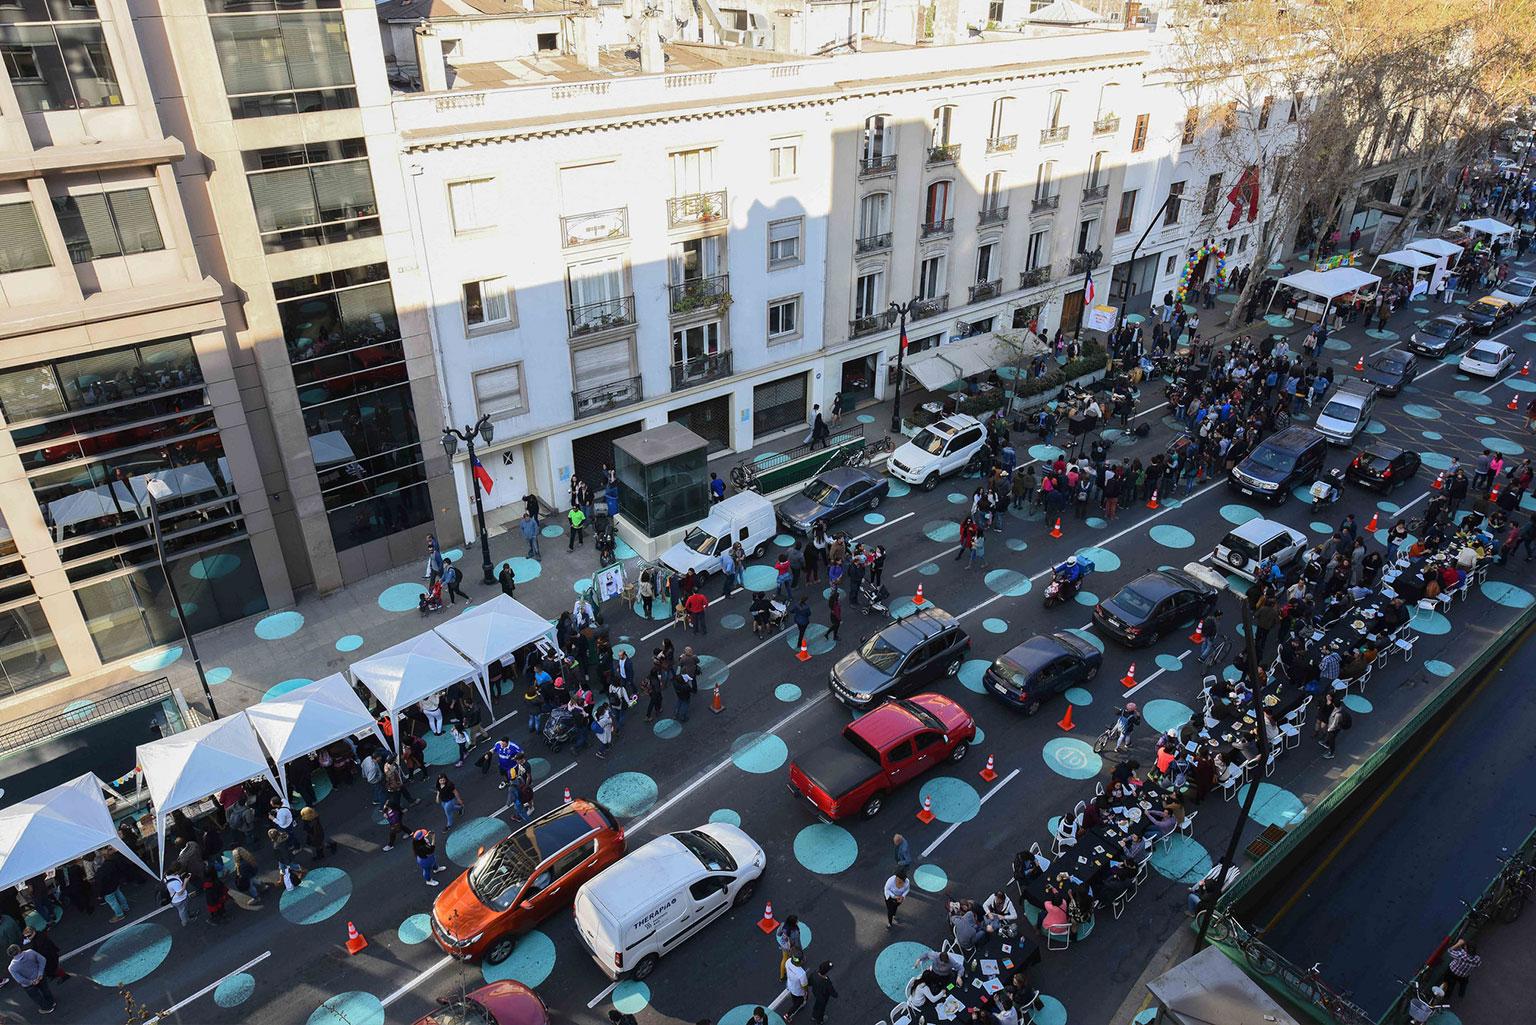 Táctica-Calles-Compartidas.jpg